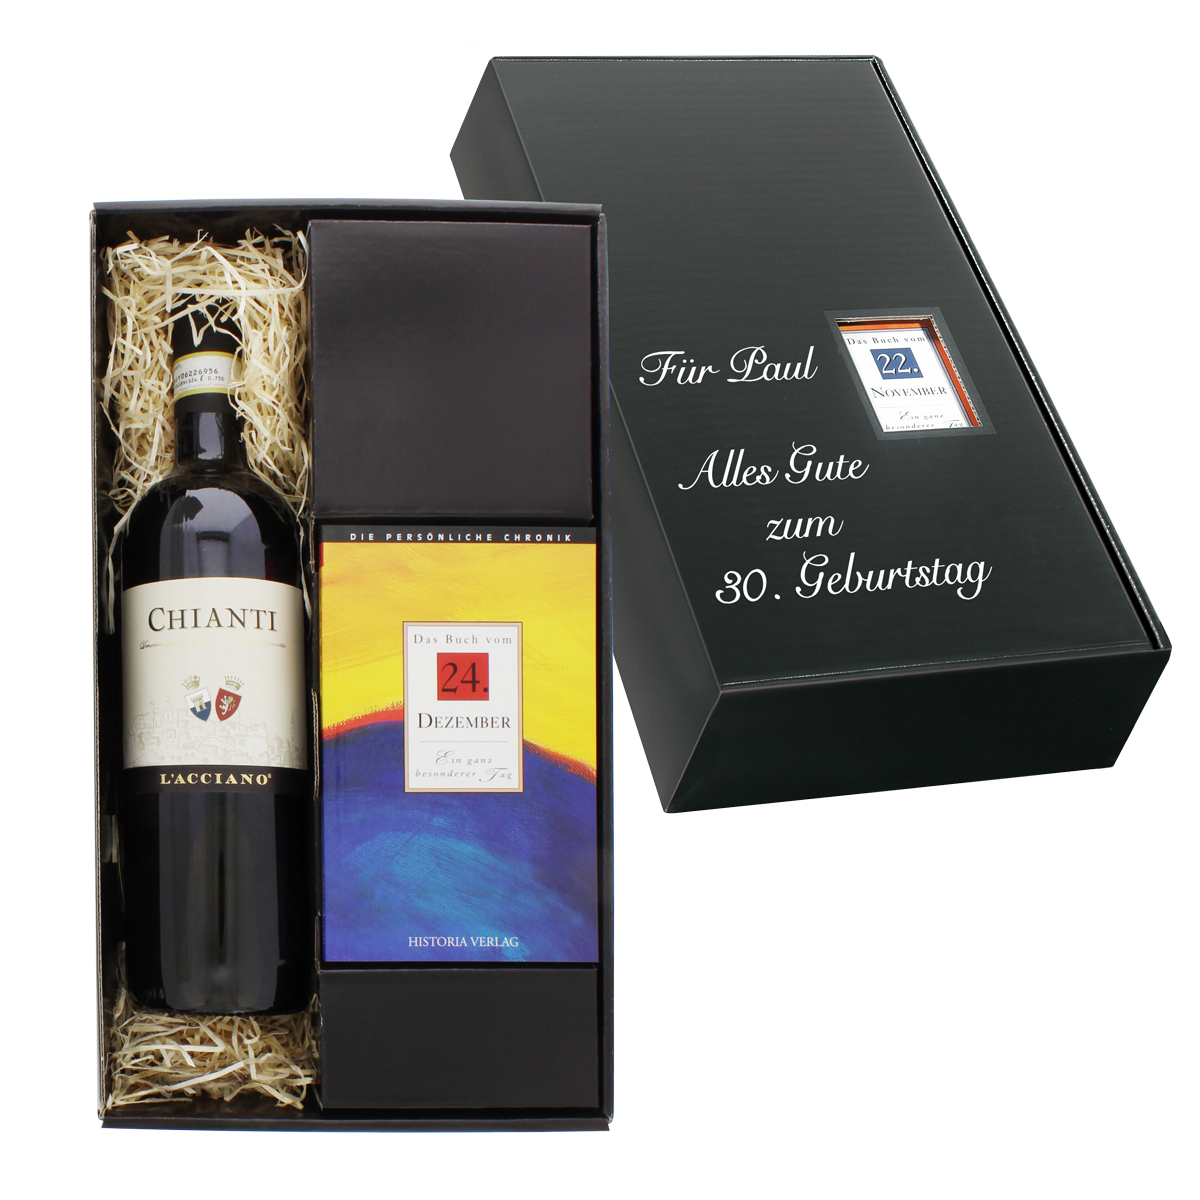 Italien-Set: Tageschronik vom 12. Mai & Chianti-Wein